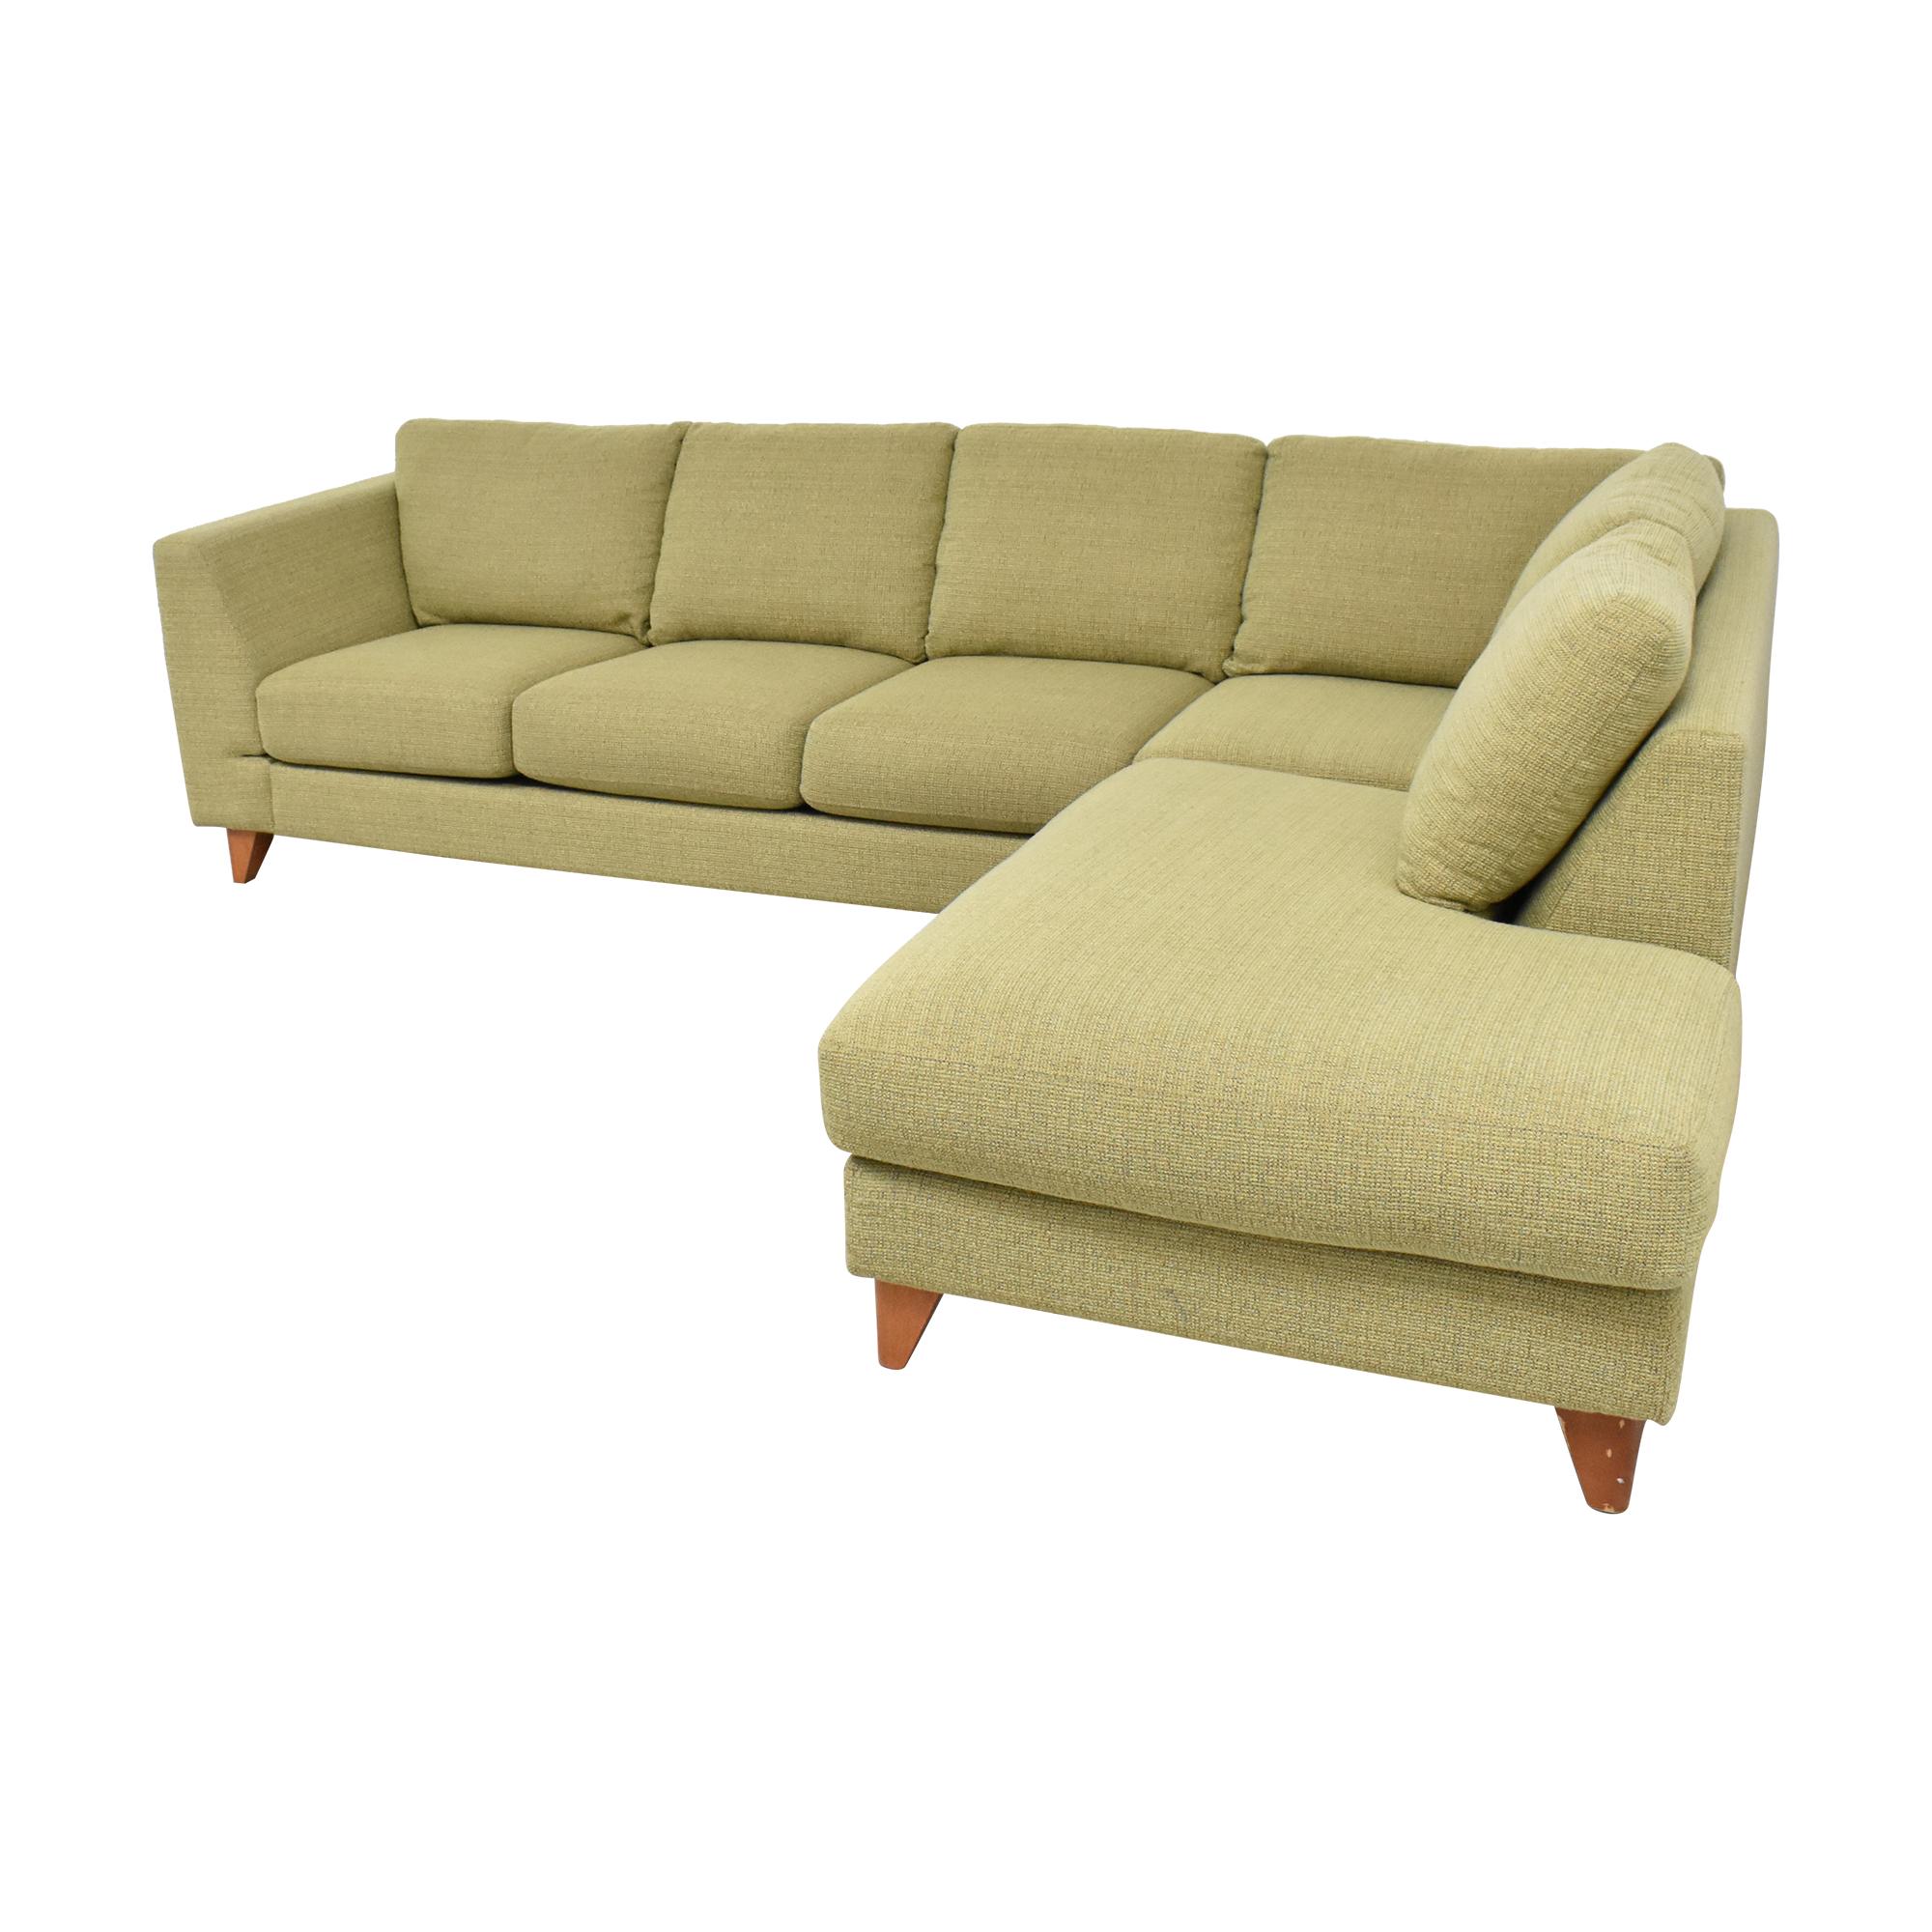 Jaymar Jaymar Chaise Sectional Sofa nyc